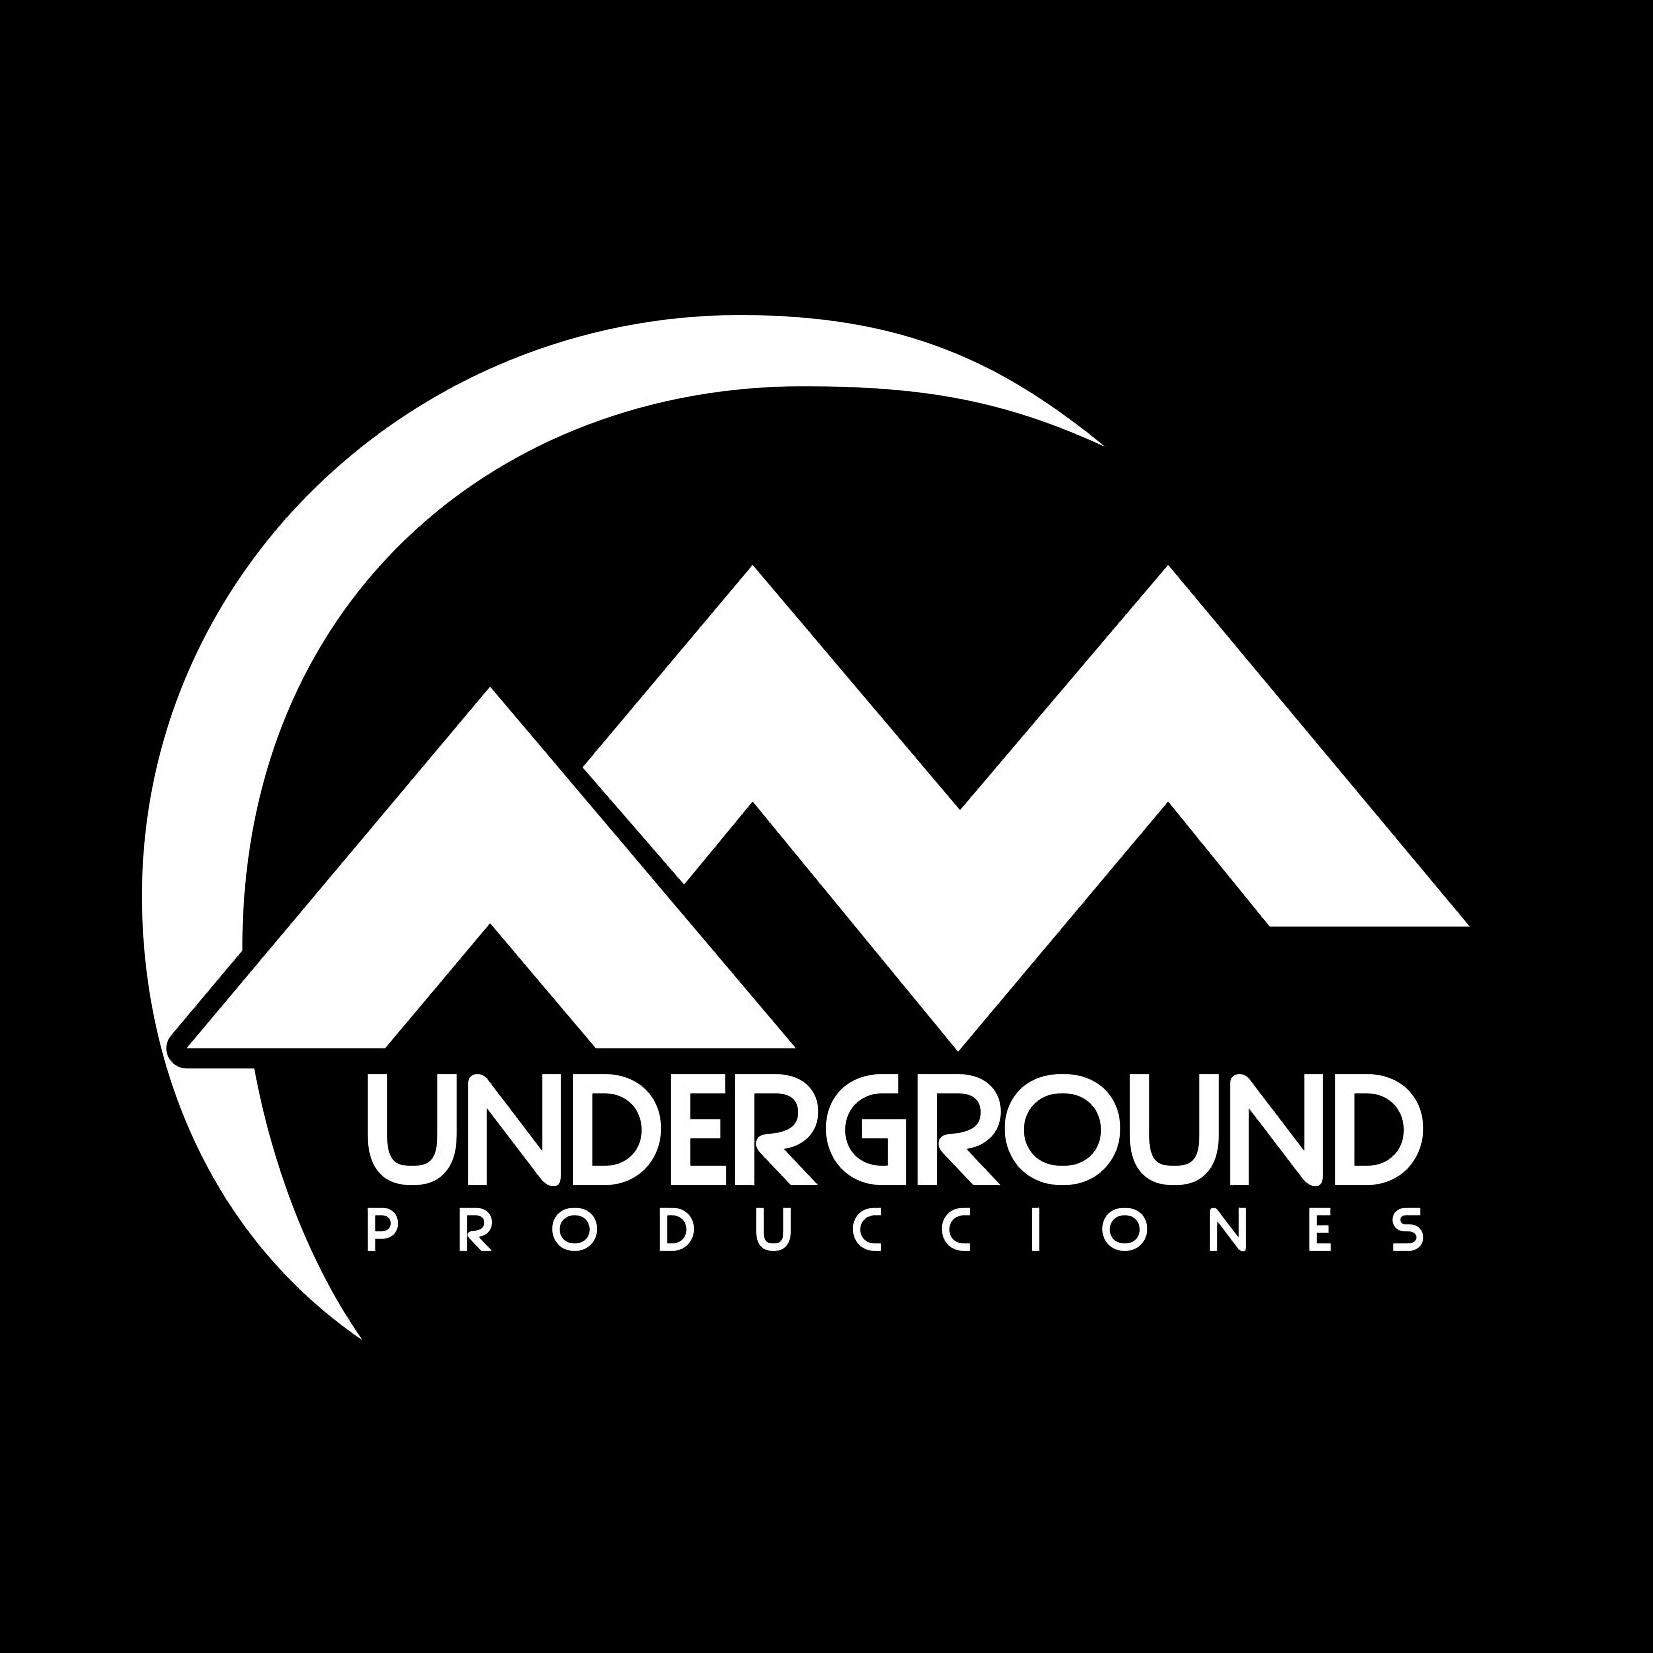 Am Underground